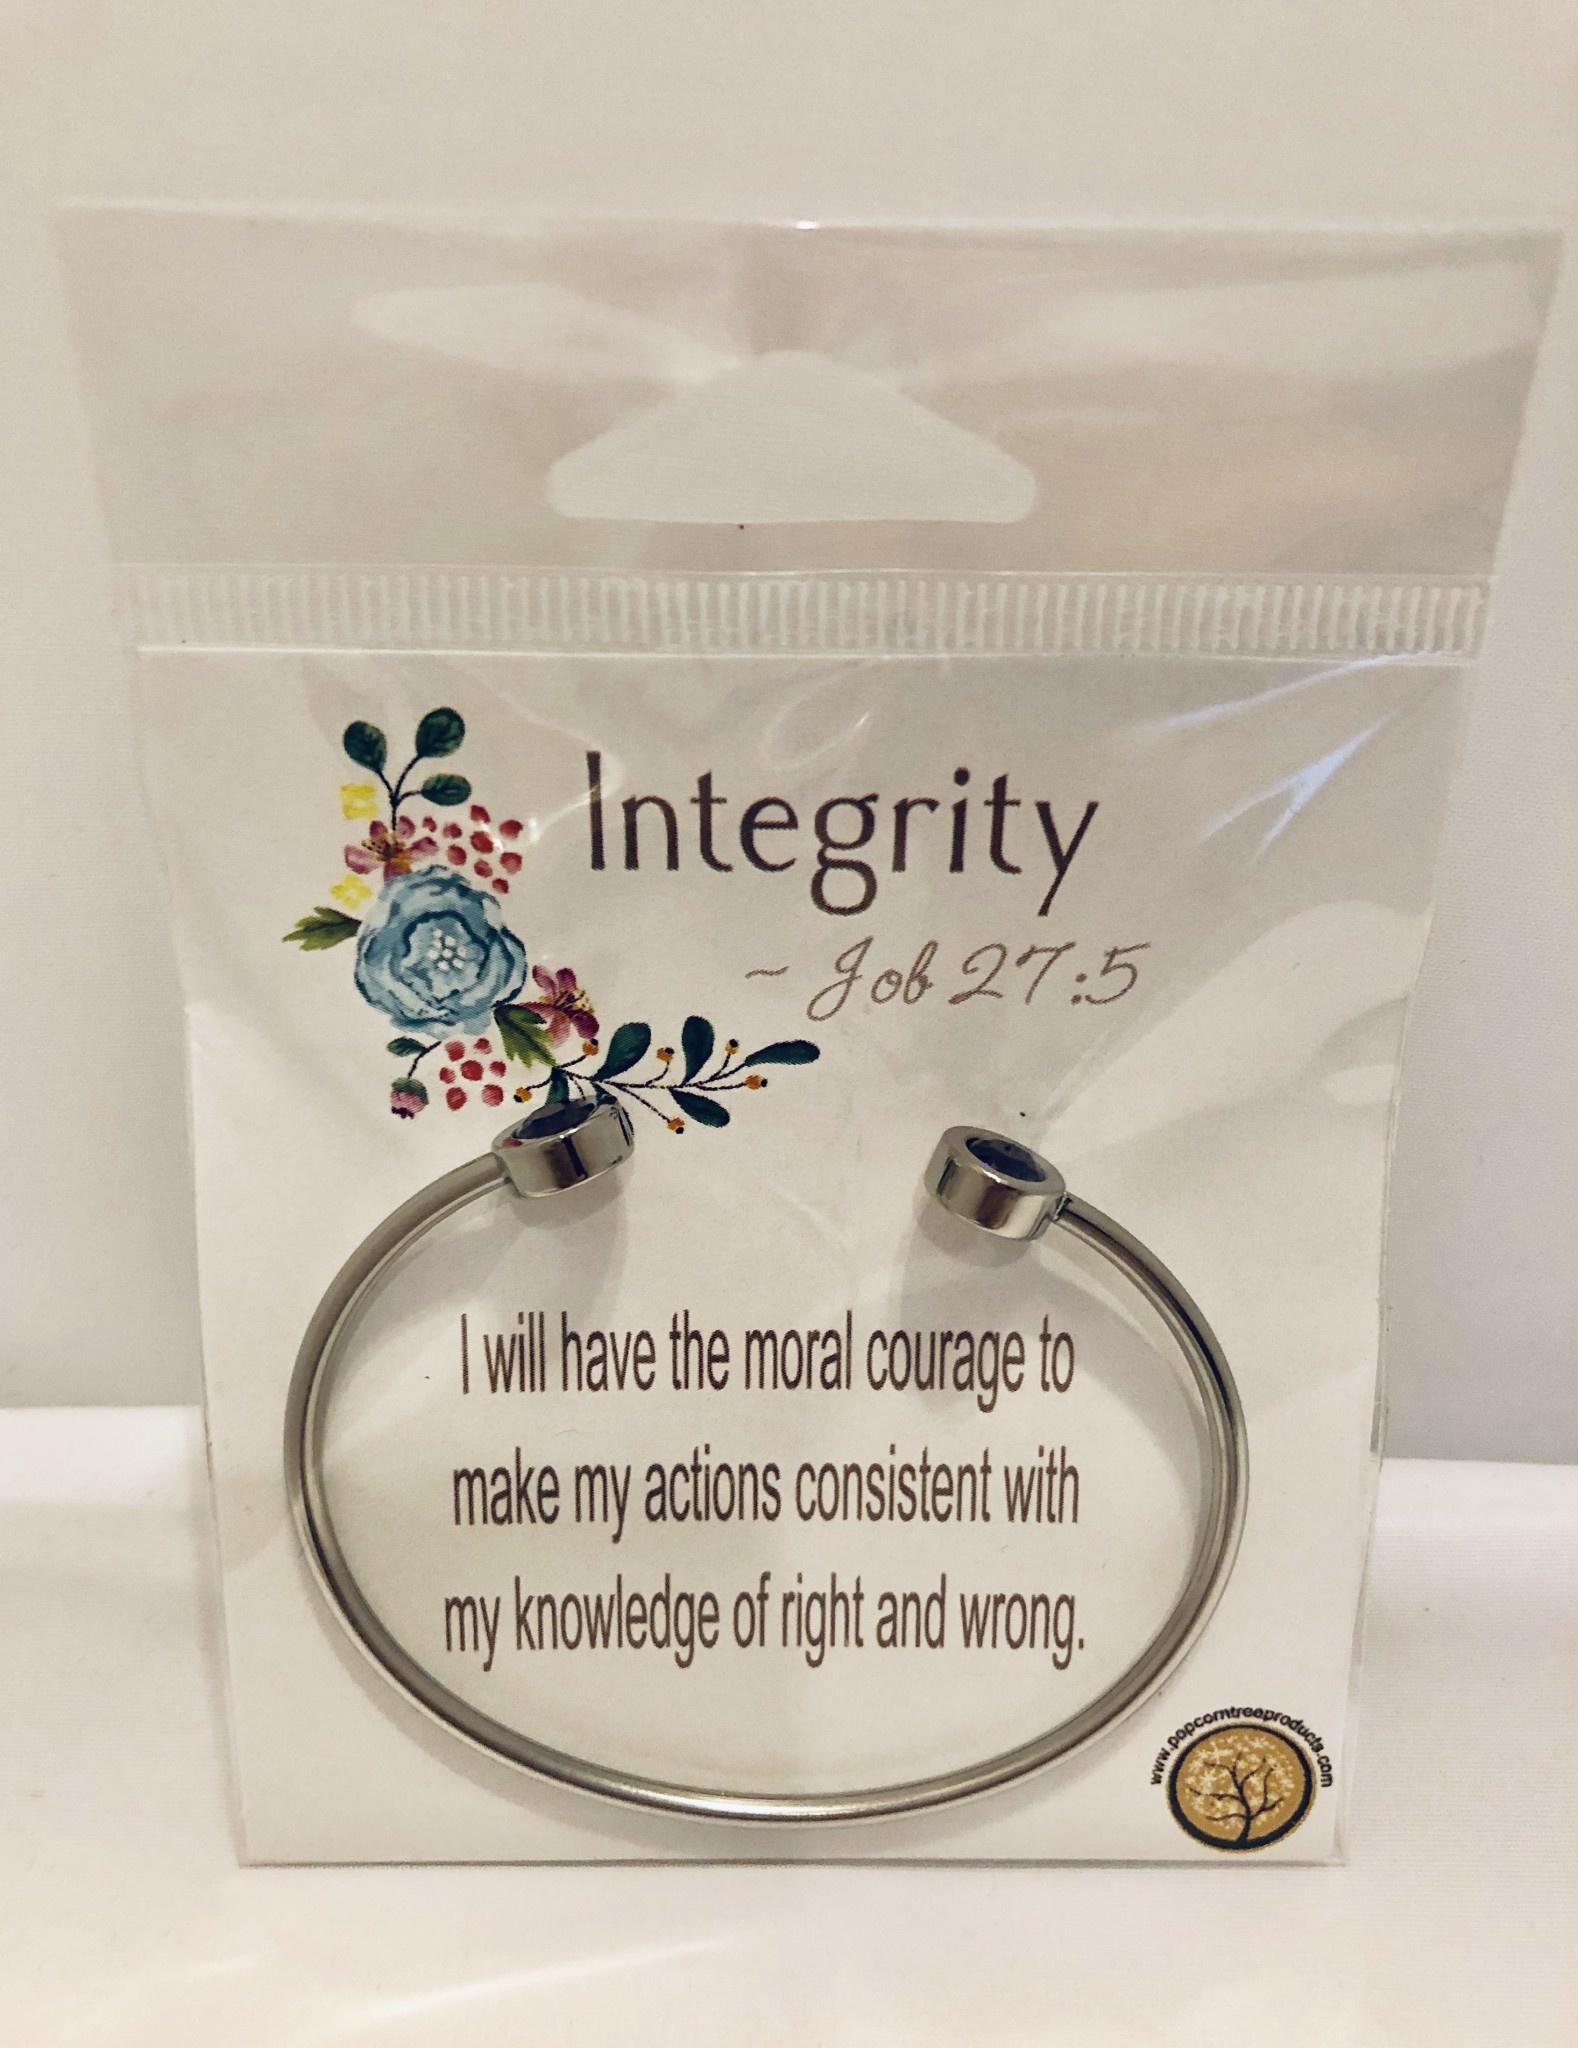 YW Value Cubic Zicornia Open Cuff Bracelet - Integrity